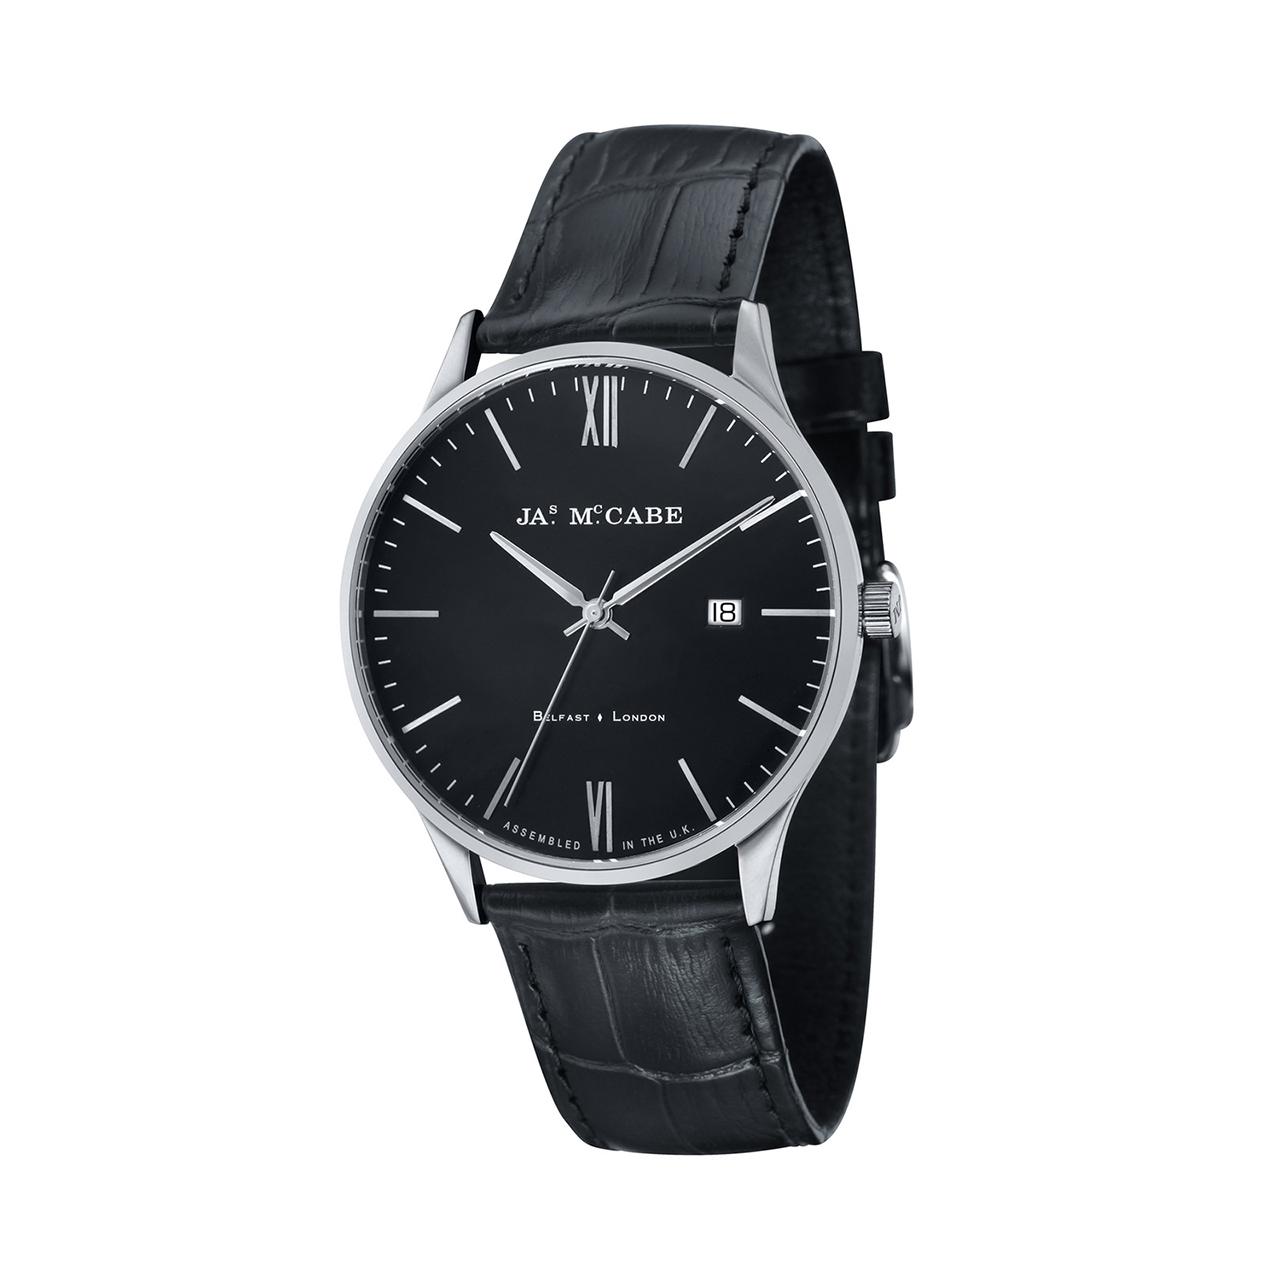 ساعت مچی عقربه ای مردانه جیمز مک کیب مدل JM-1016-01 52